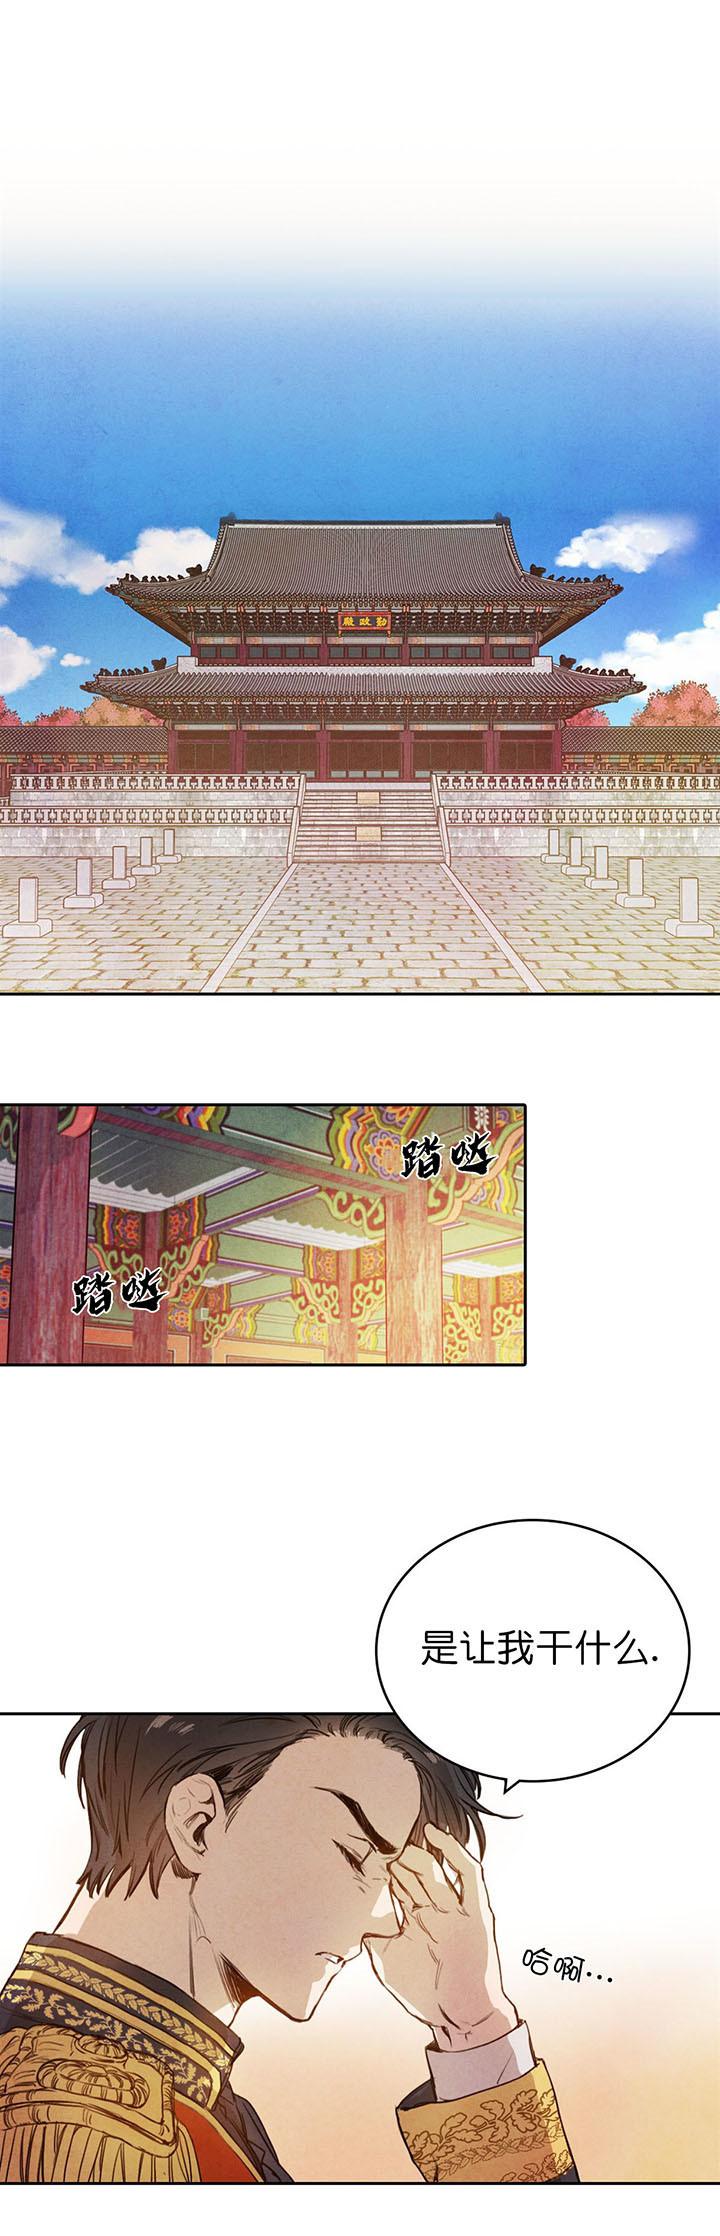 《皇家罗曼史》柳树罗曼史 免费全集韩漫 漫画完整版